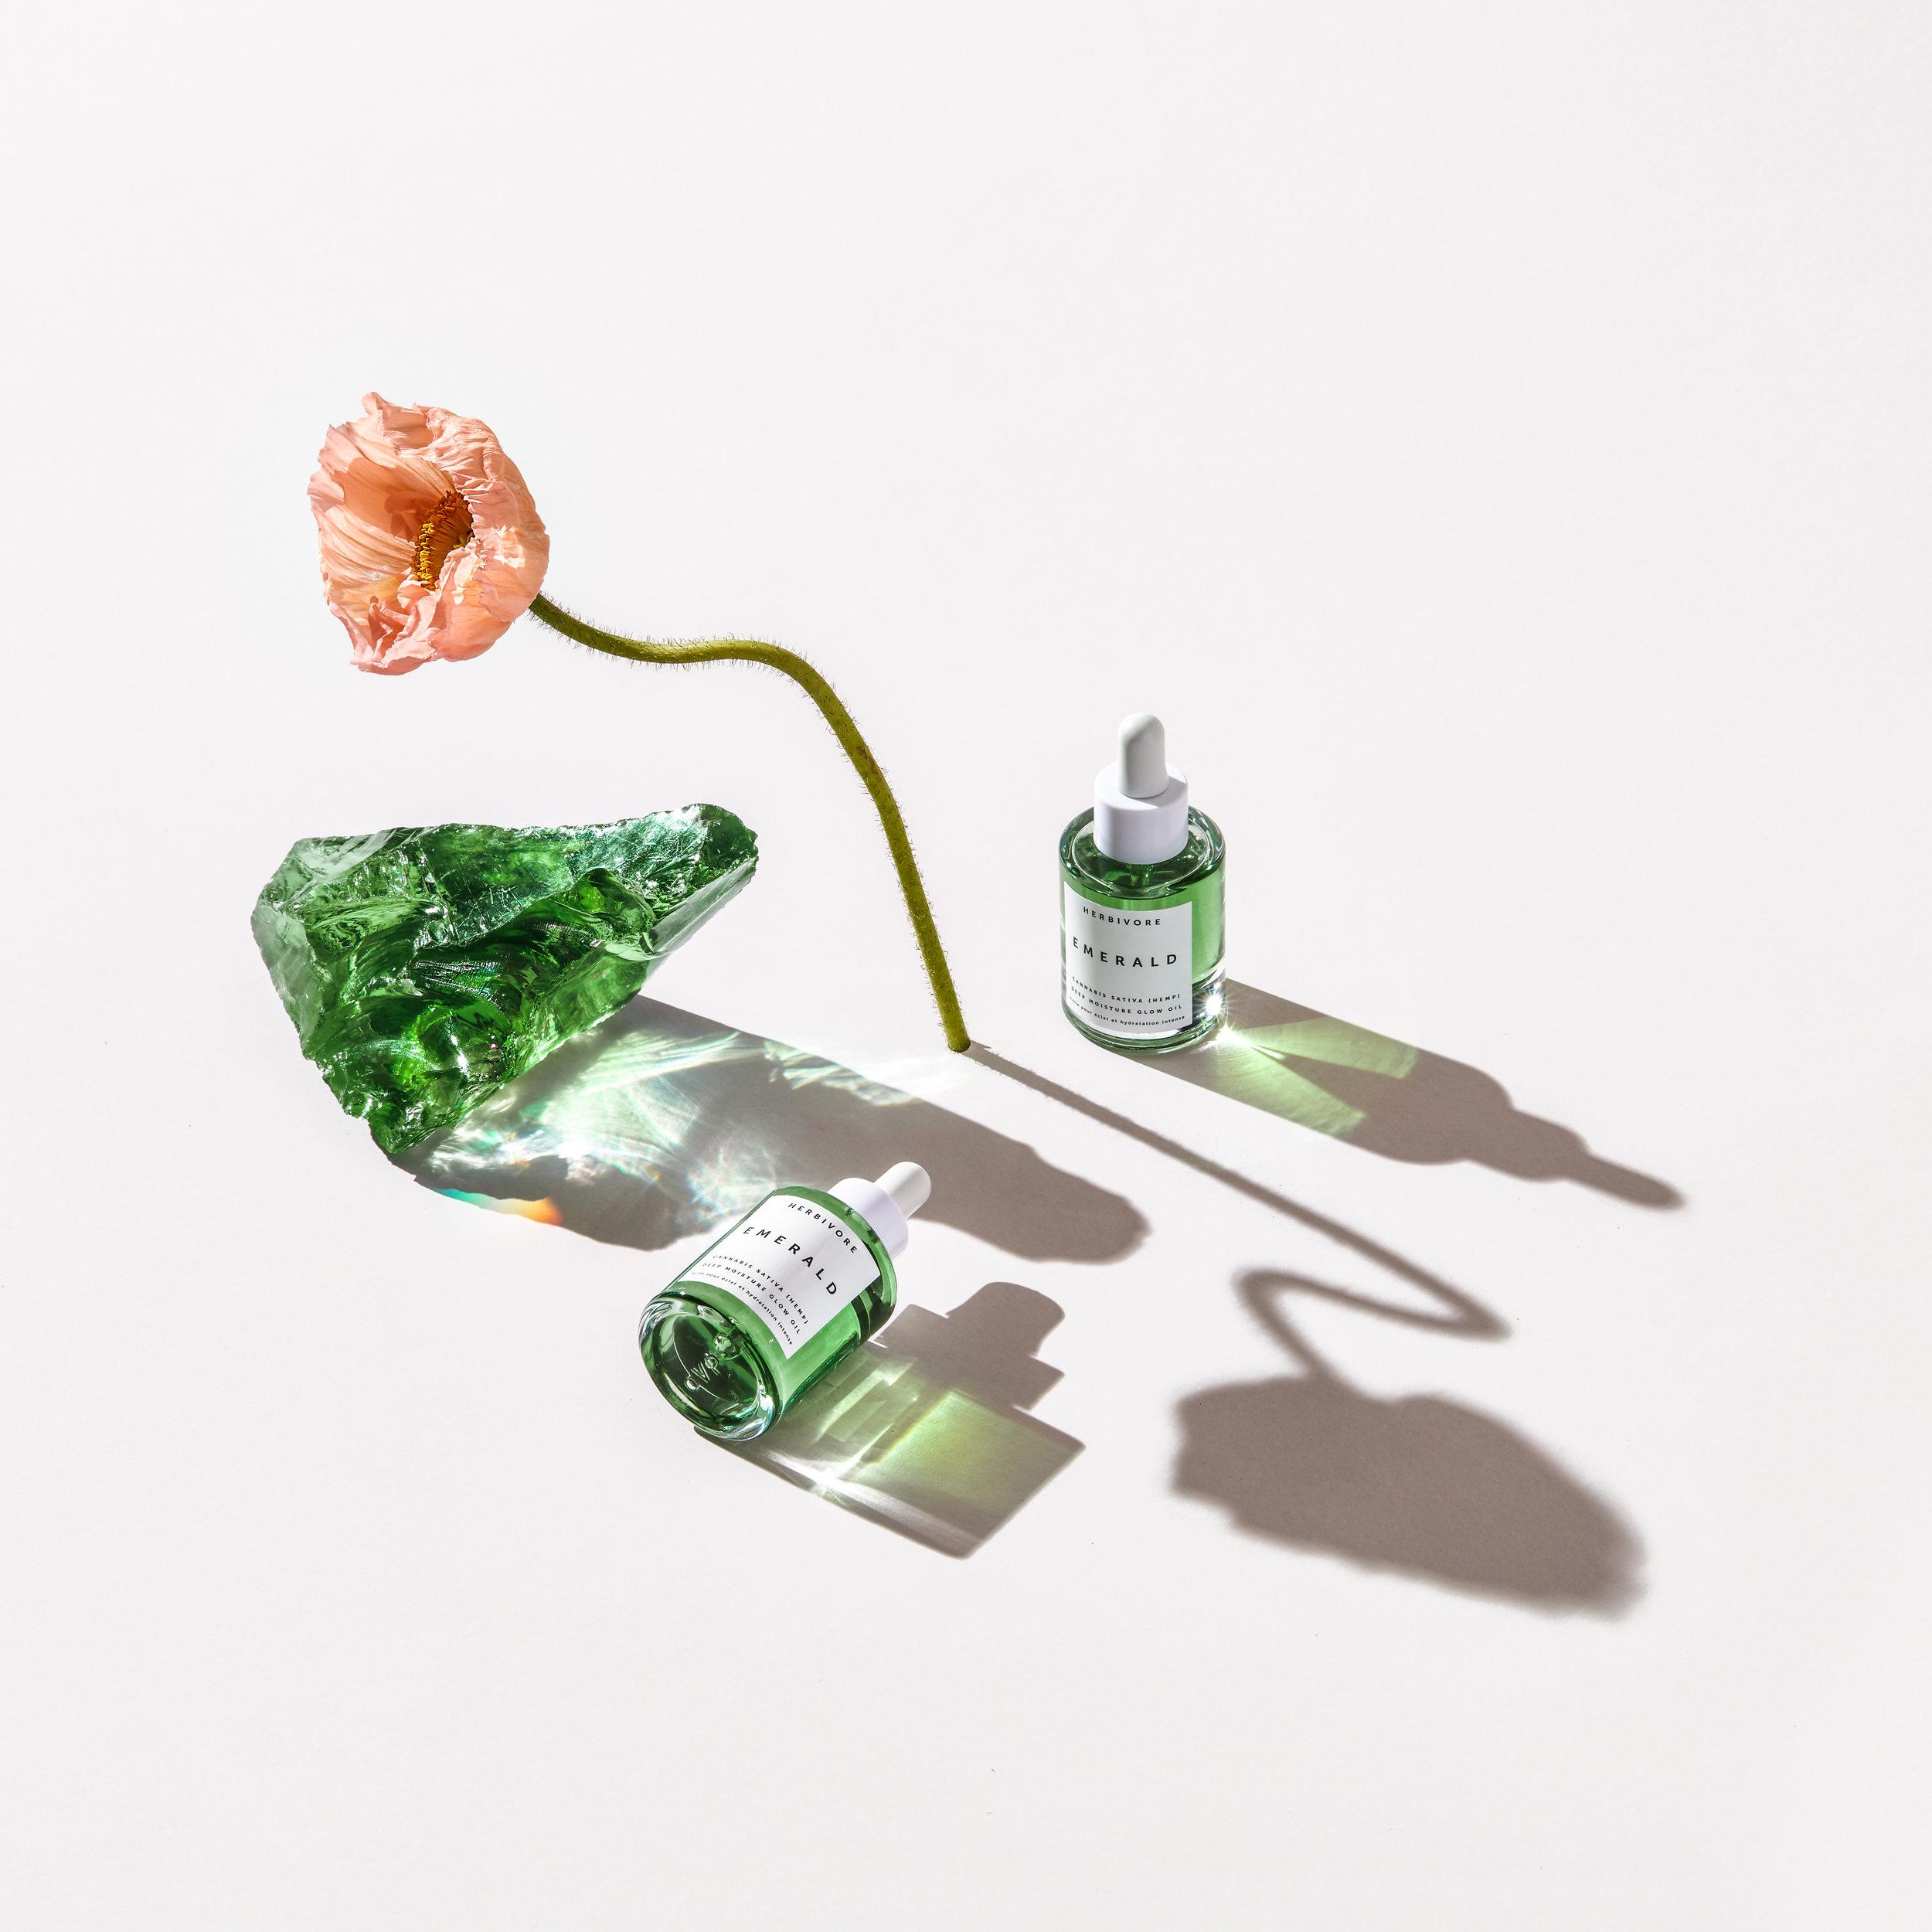 Herbivore_SS_Emerald_039_Crop.jpg